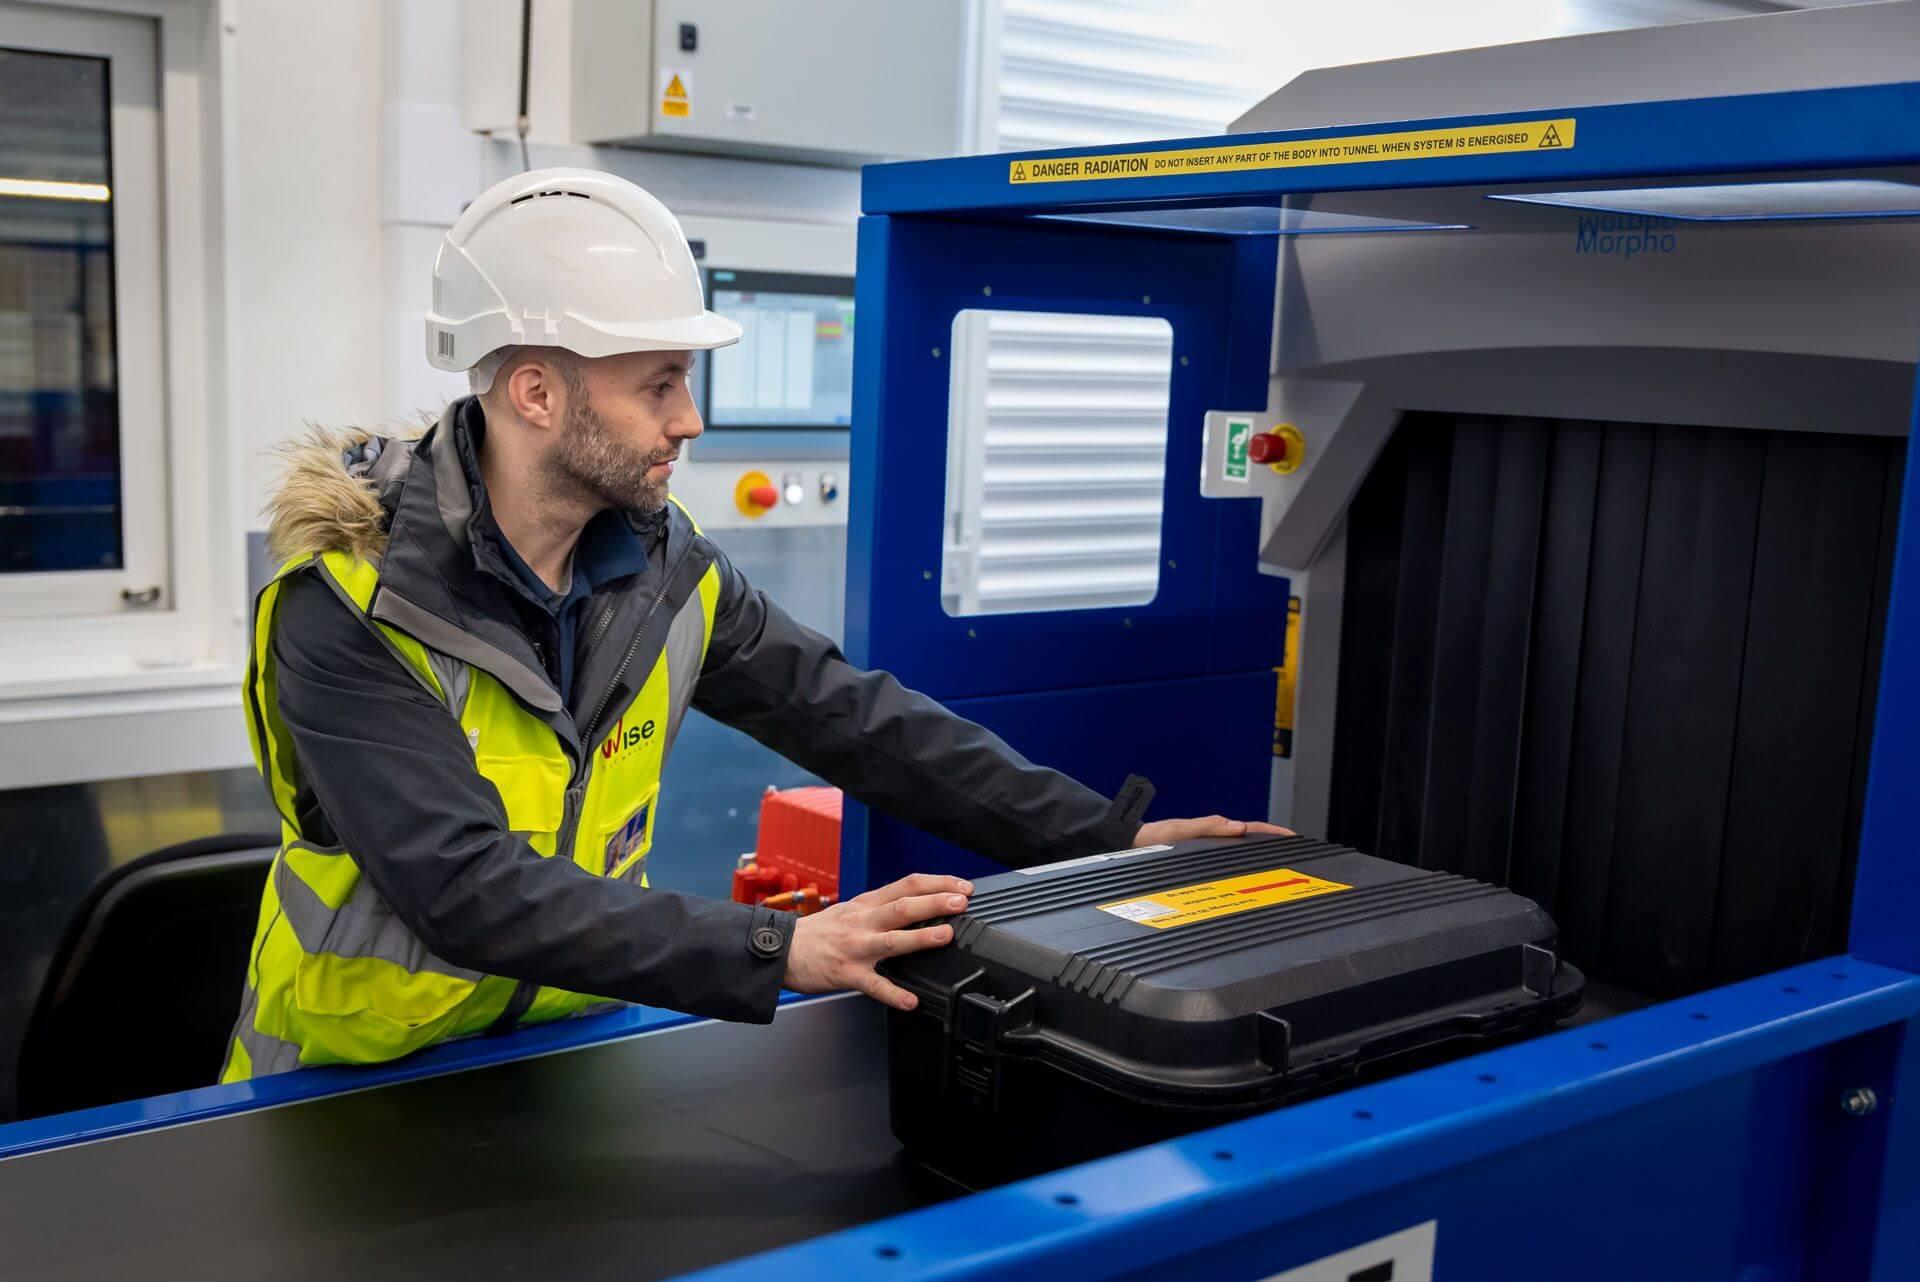 Engineer working on baggage scanner